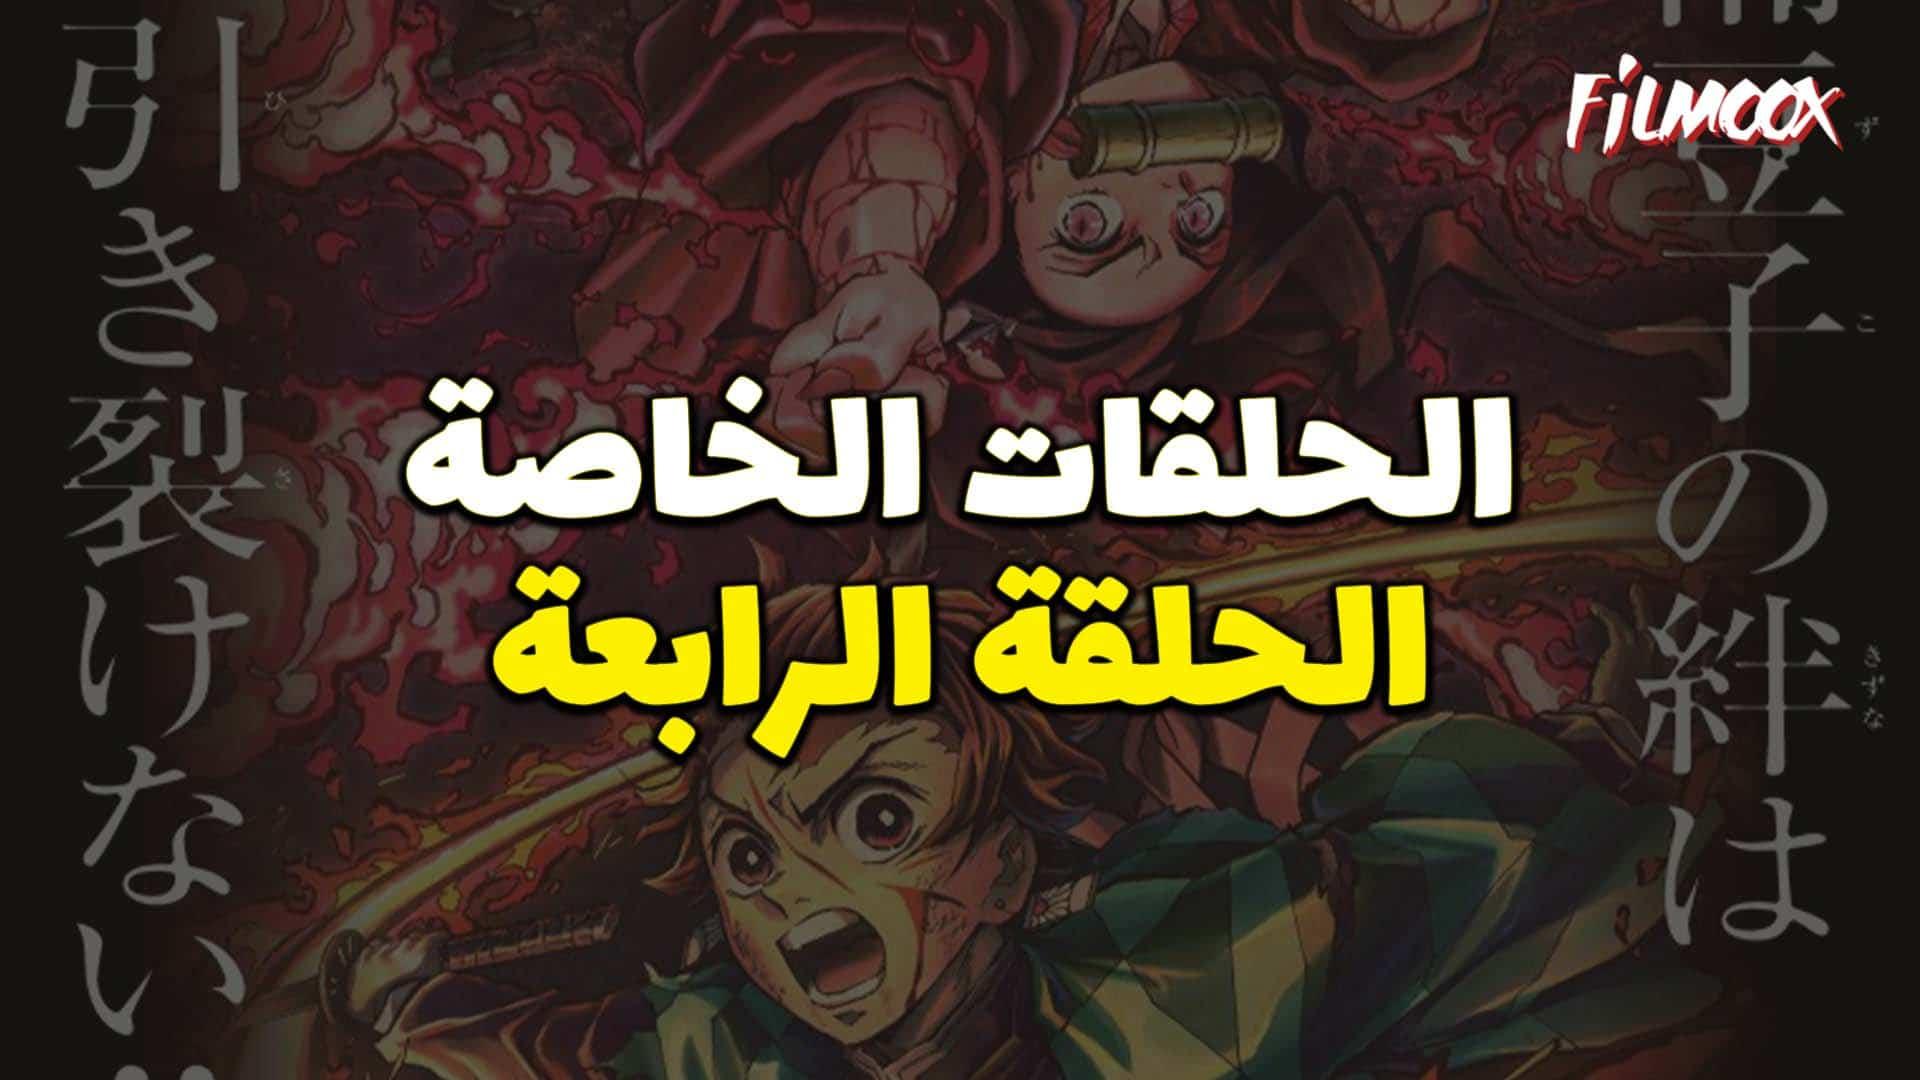 انمي قاتل الشياطين الموسم الاول الحلقة الخاصة 4 مترجم